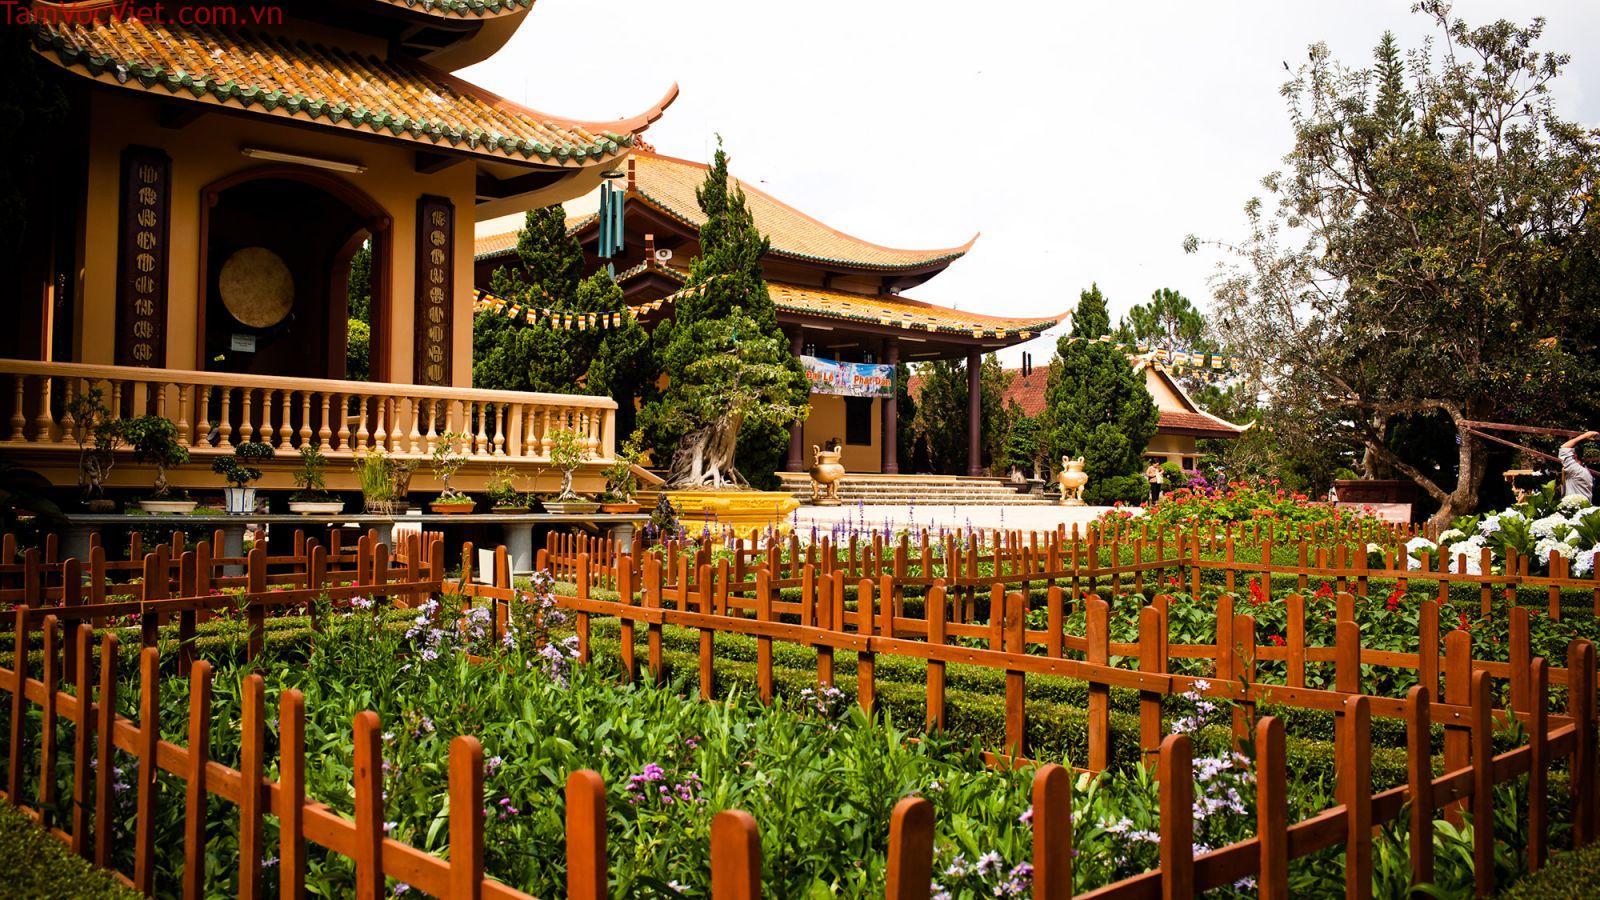 Tour Đà Nẵng – Kon Tum – Gia Lai – Daklak – Đà Lạt 5N4Đ